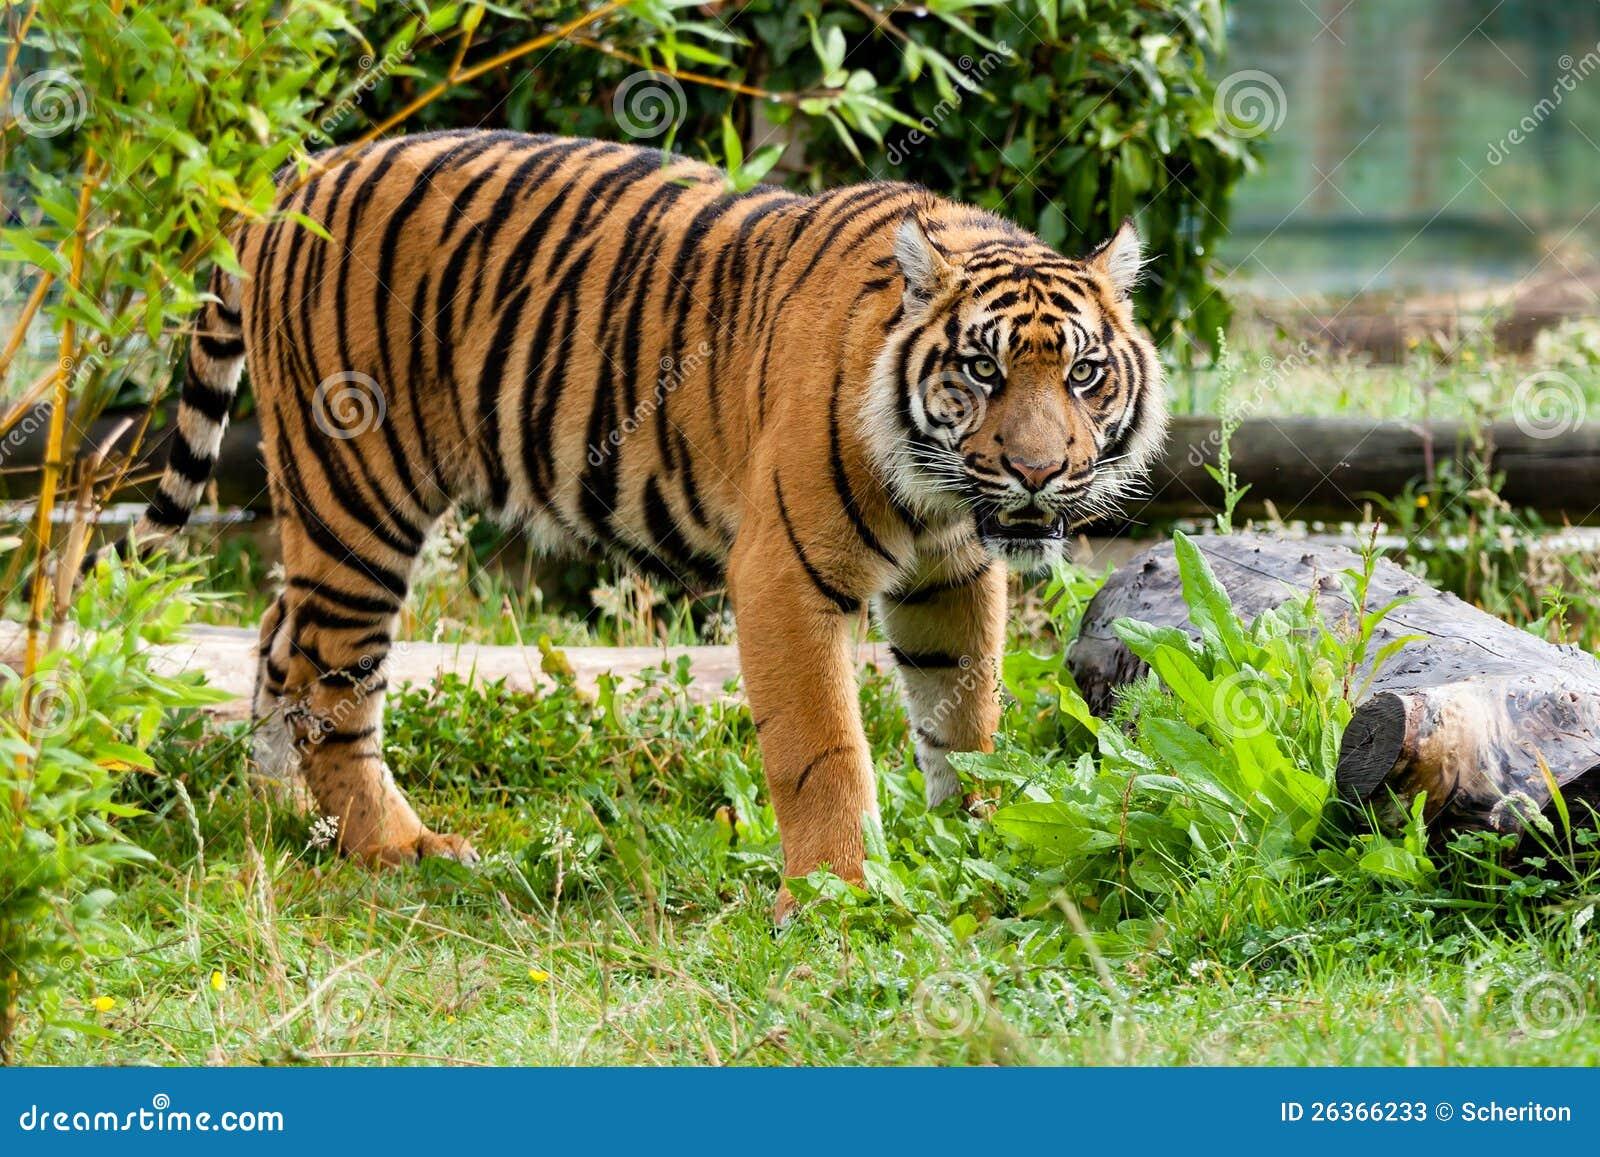 Schöner Sumatran Tiger, der im Grün knurrt